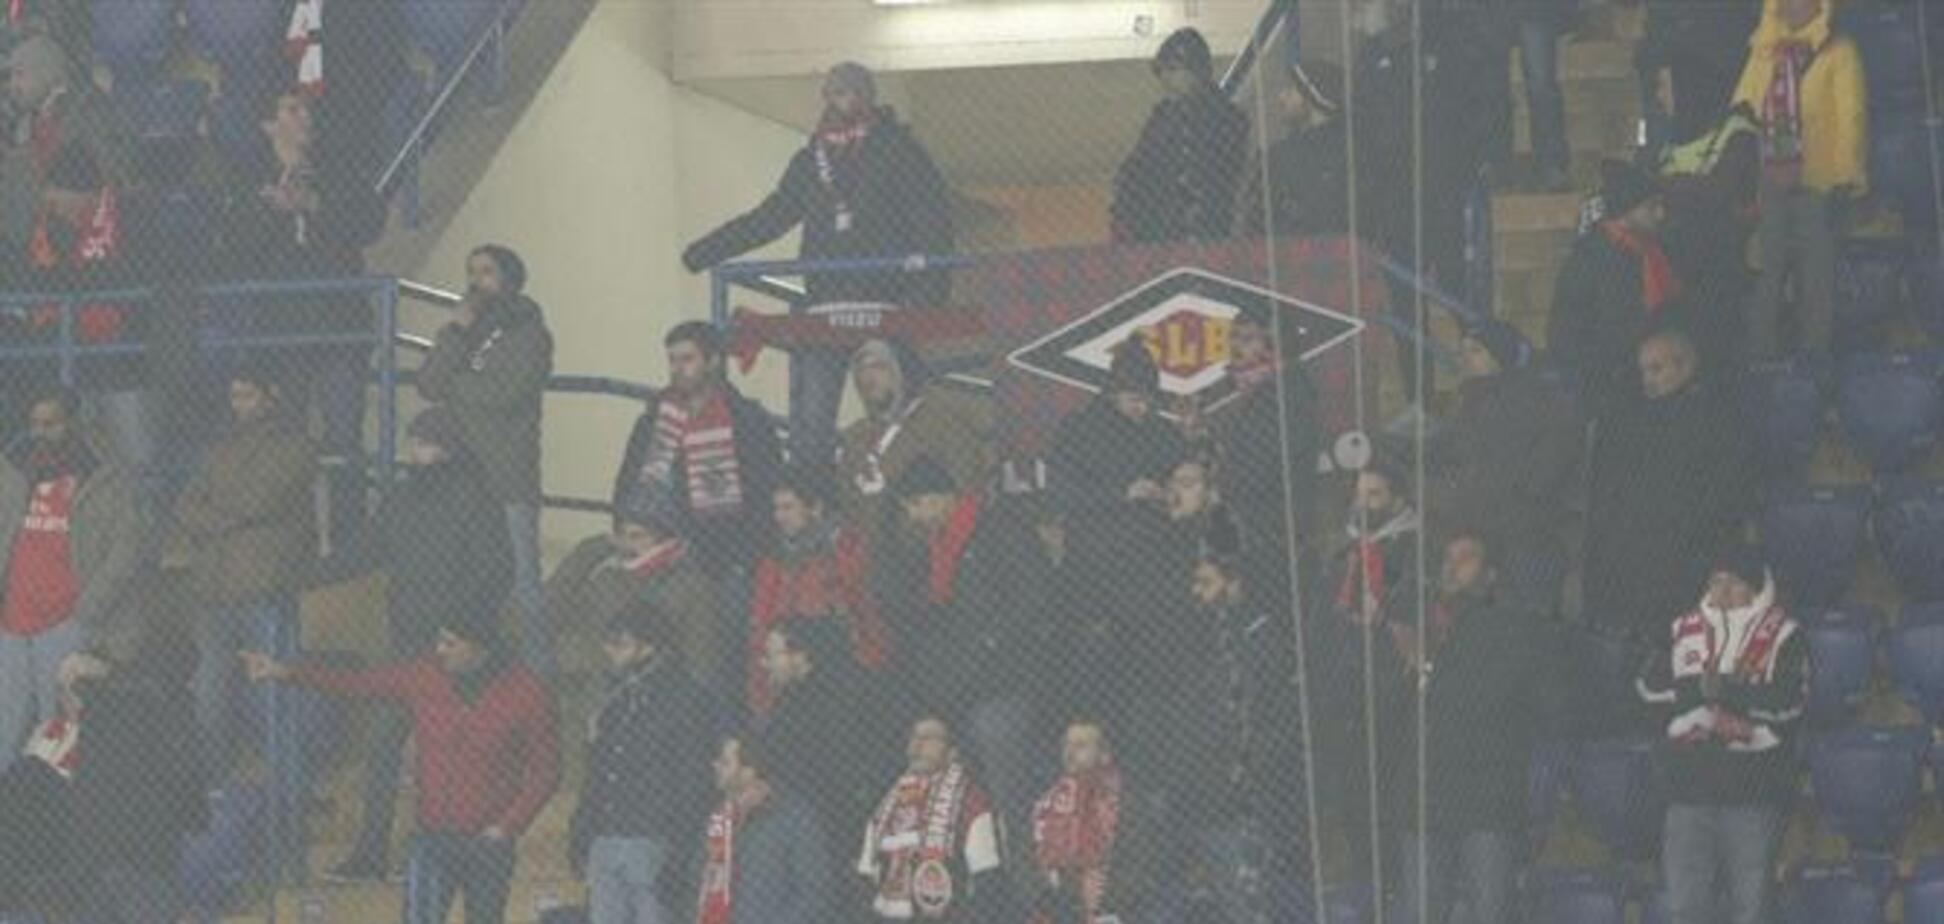 Португальские фанаты подверглись нападению в Харькове на матче с 'Шахтером'